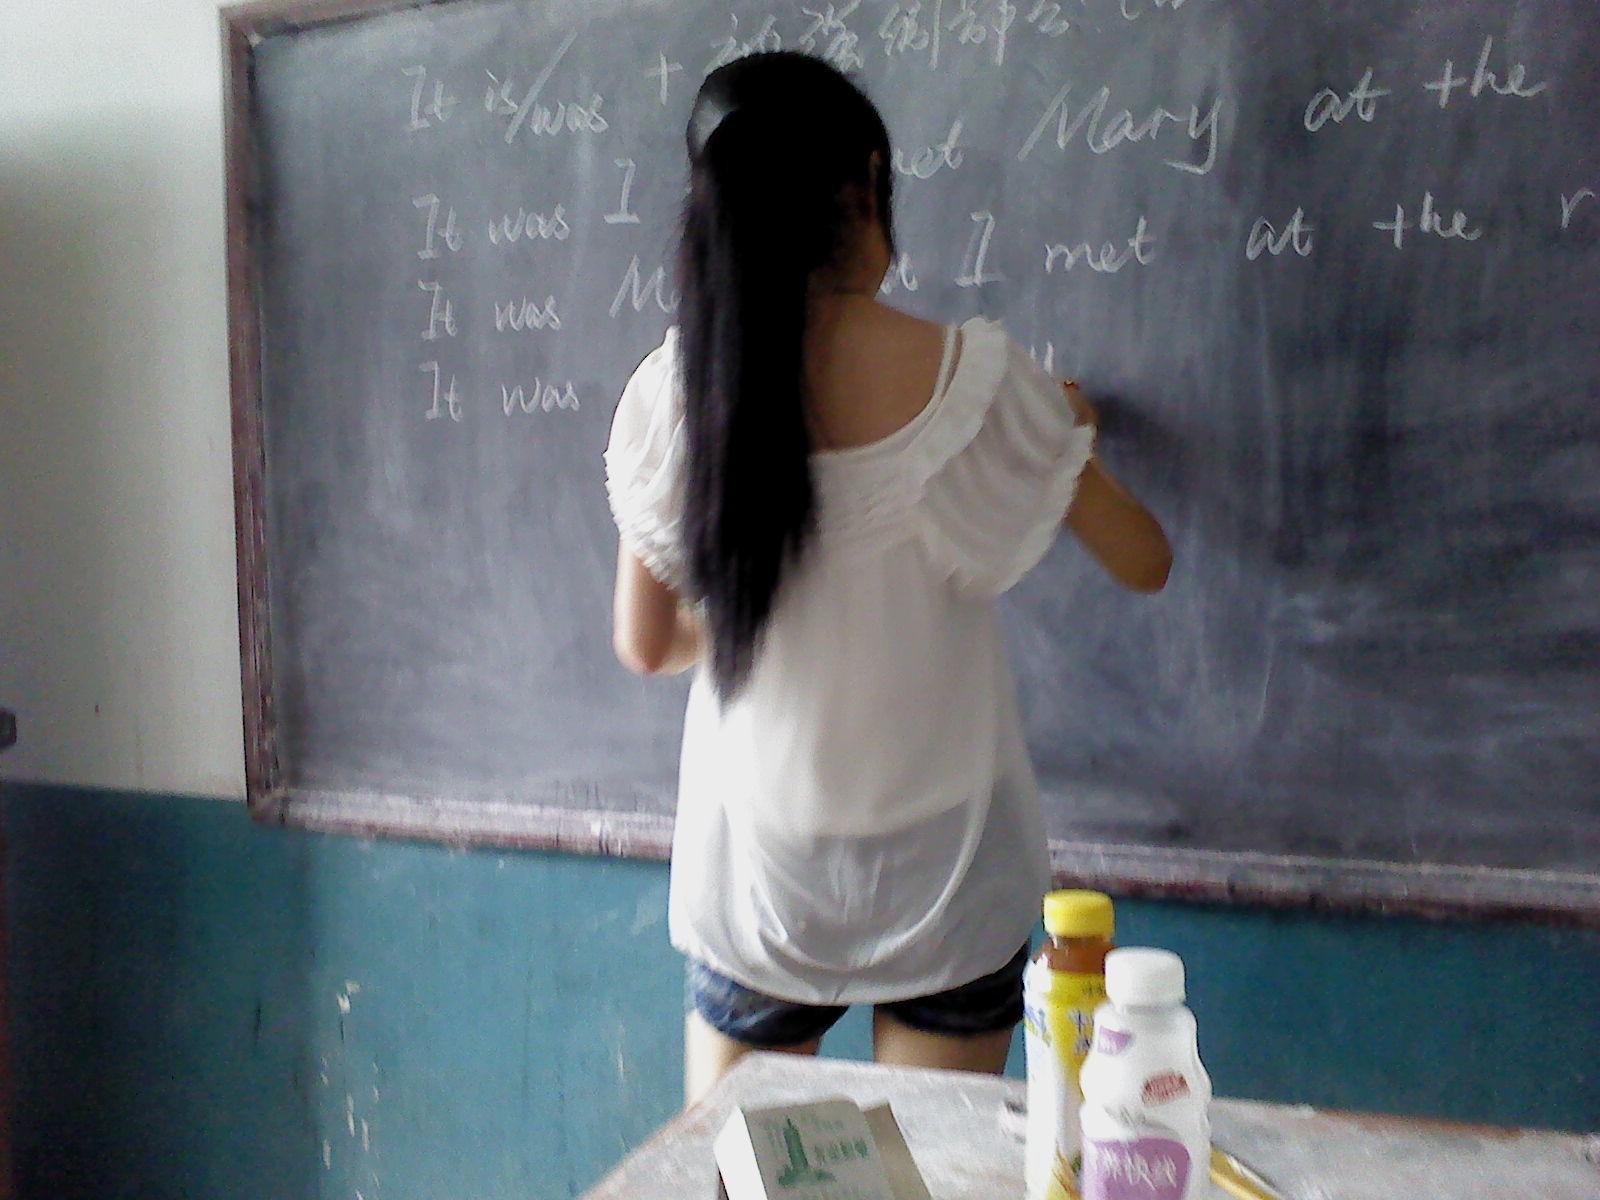 考场有位美女监考老师